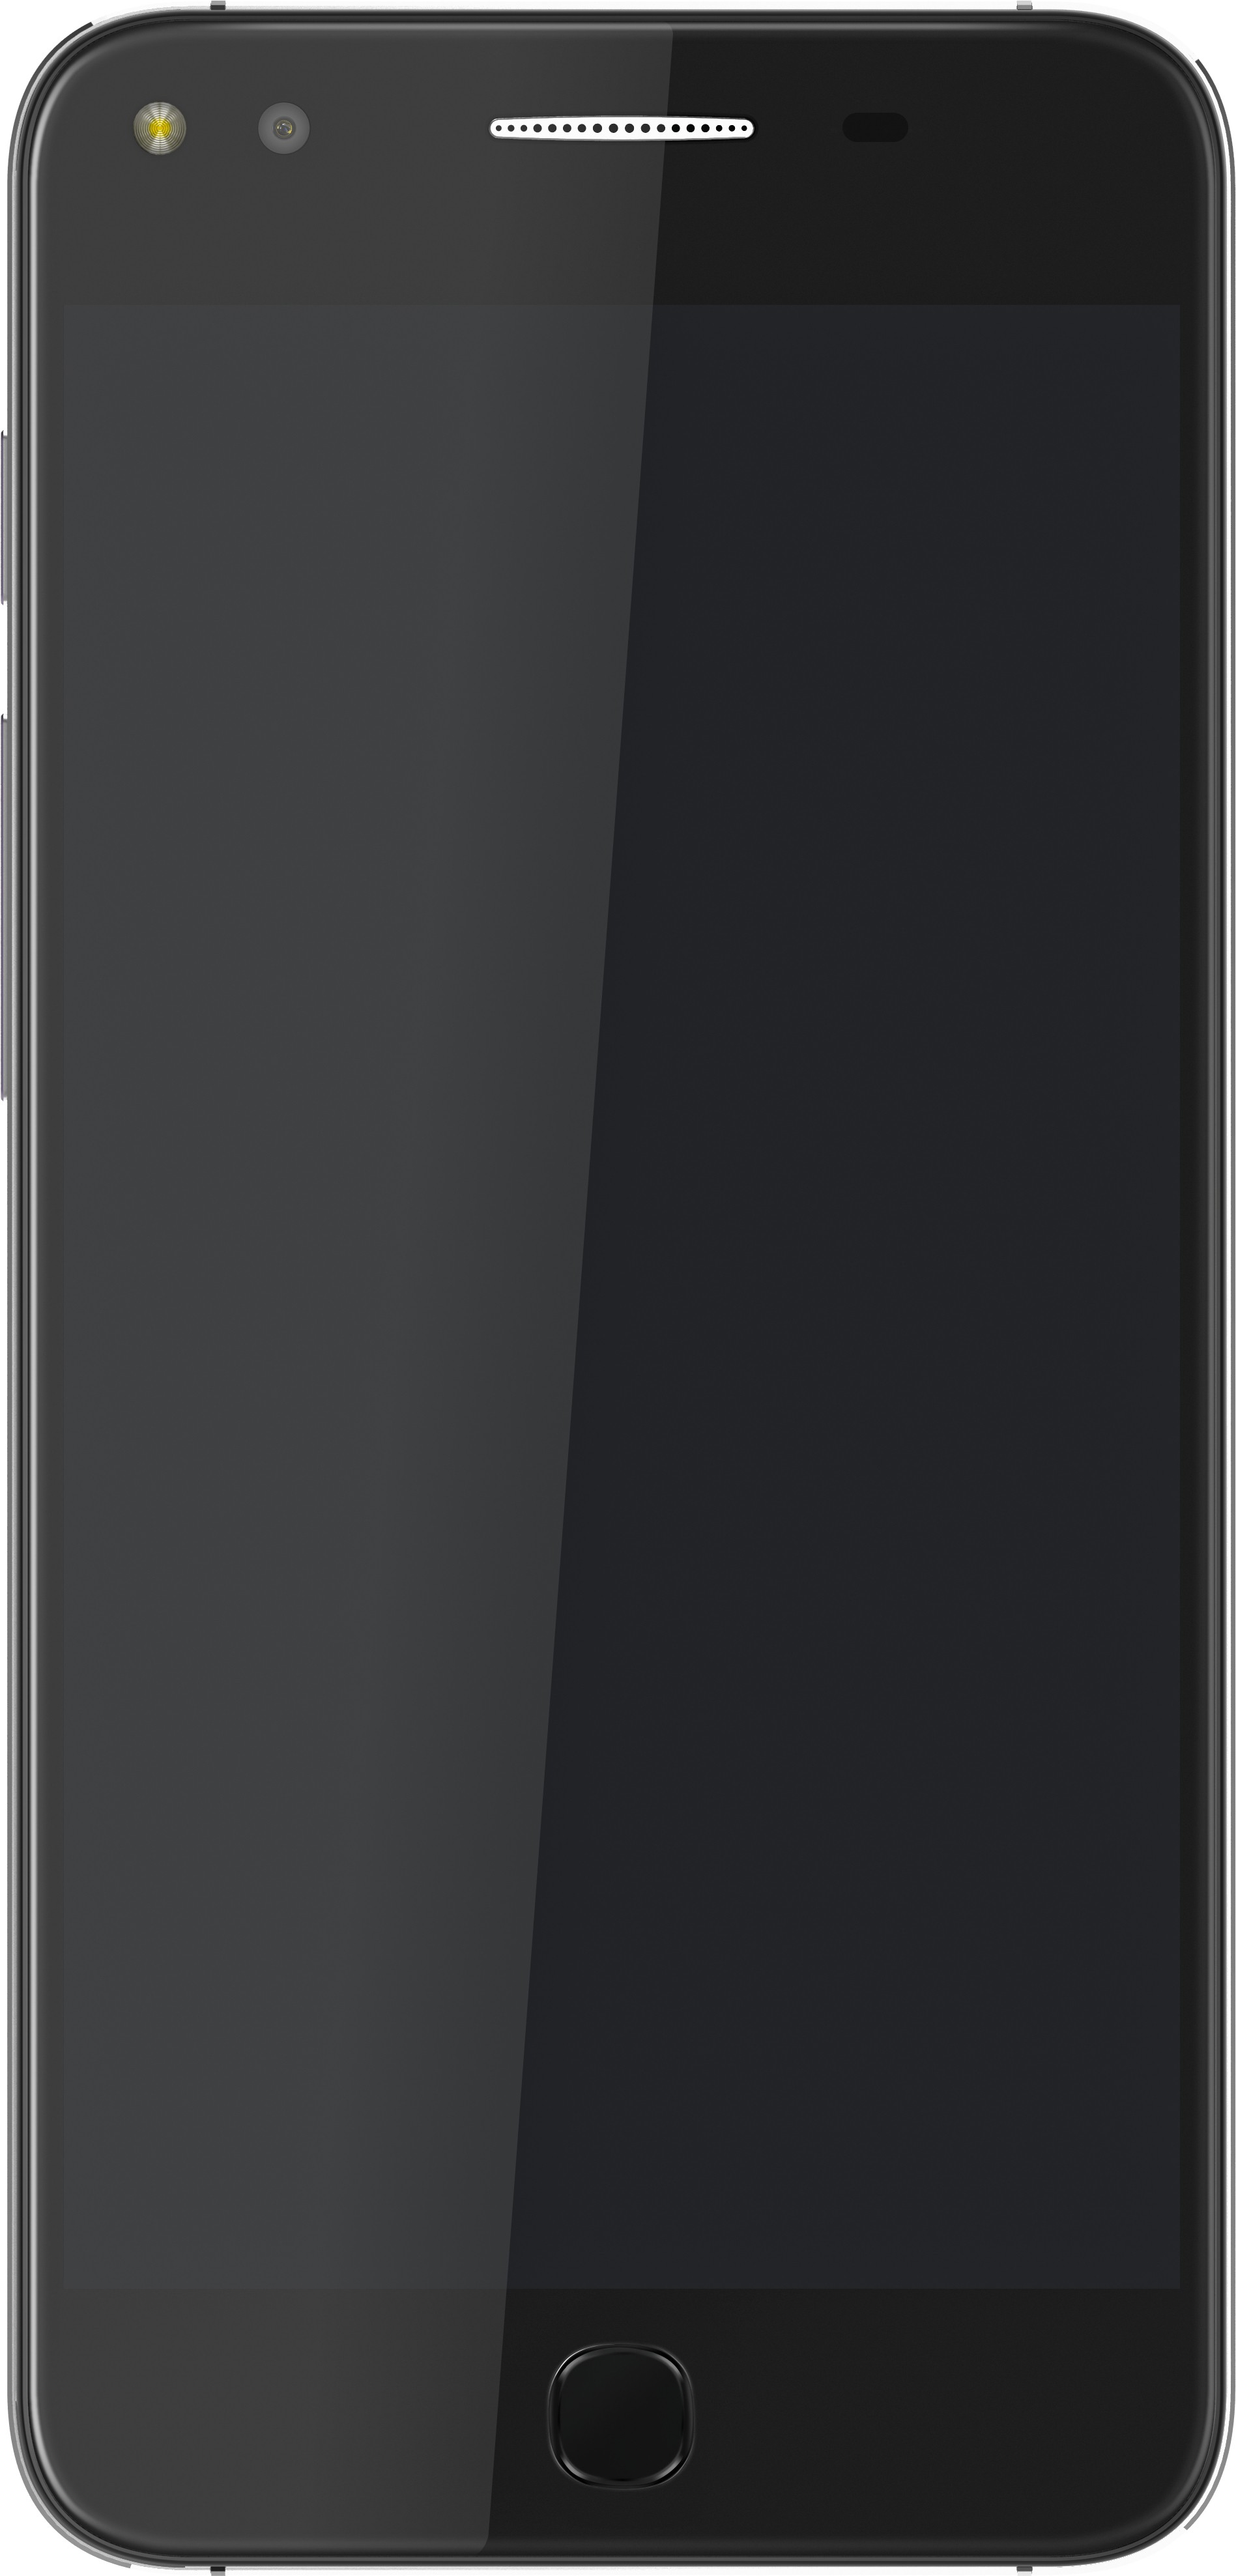 Alcatel X1 (2GB RAM, 16GB)